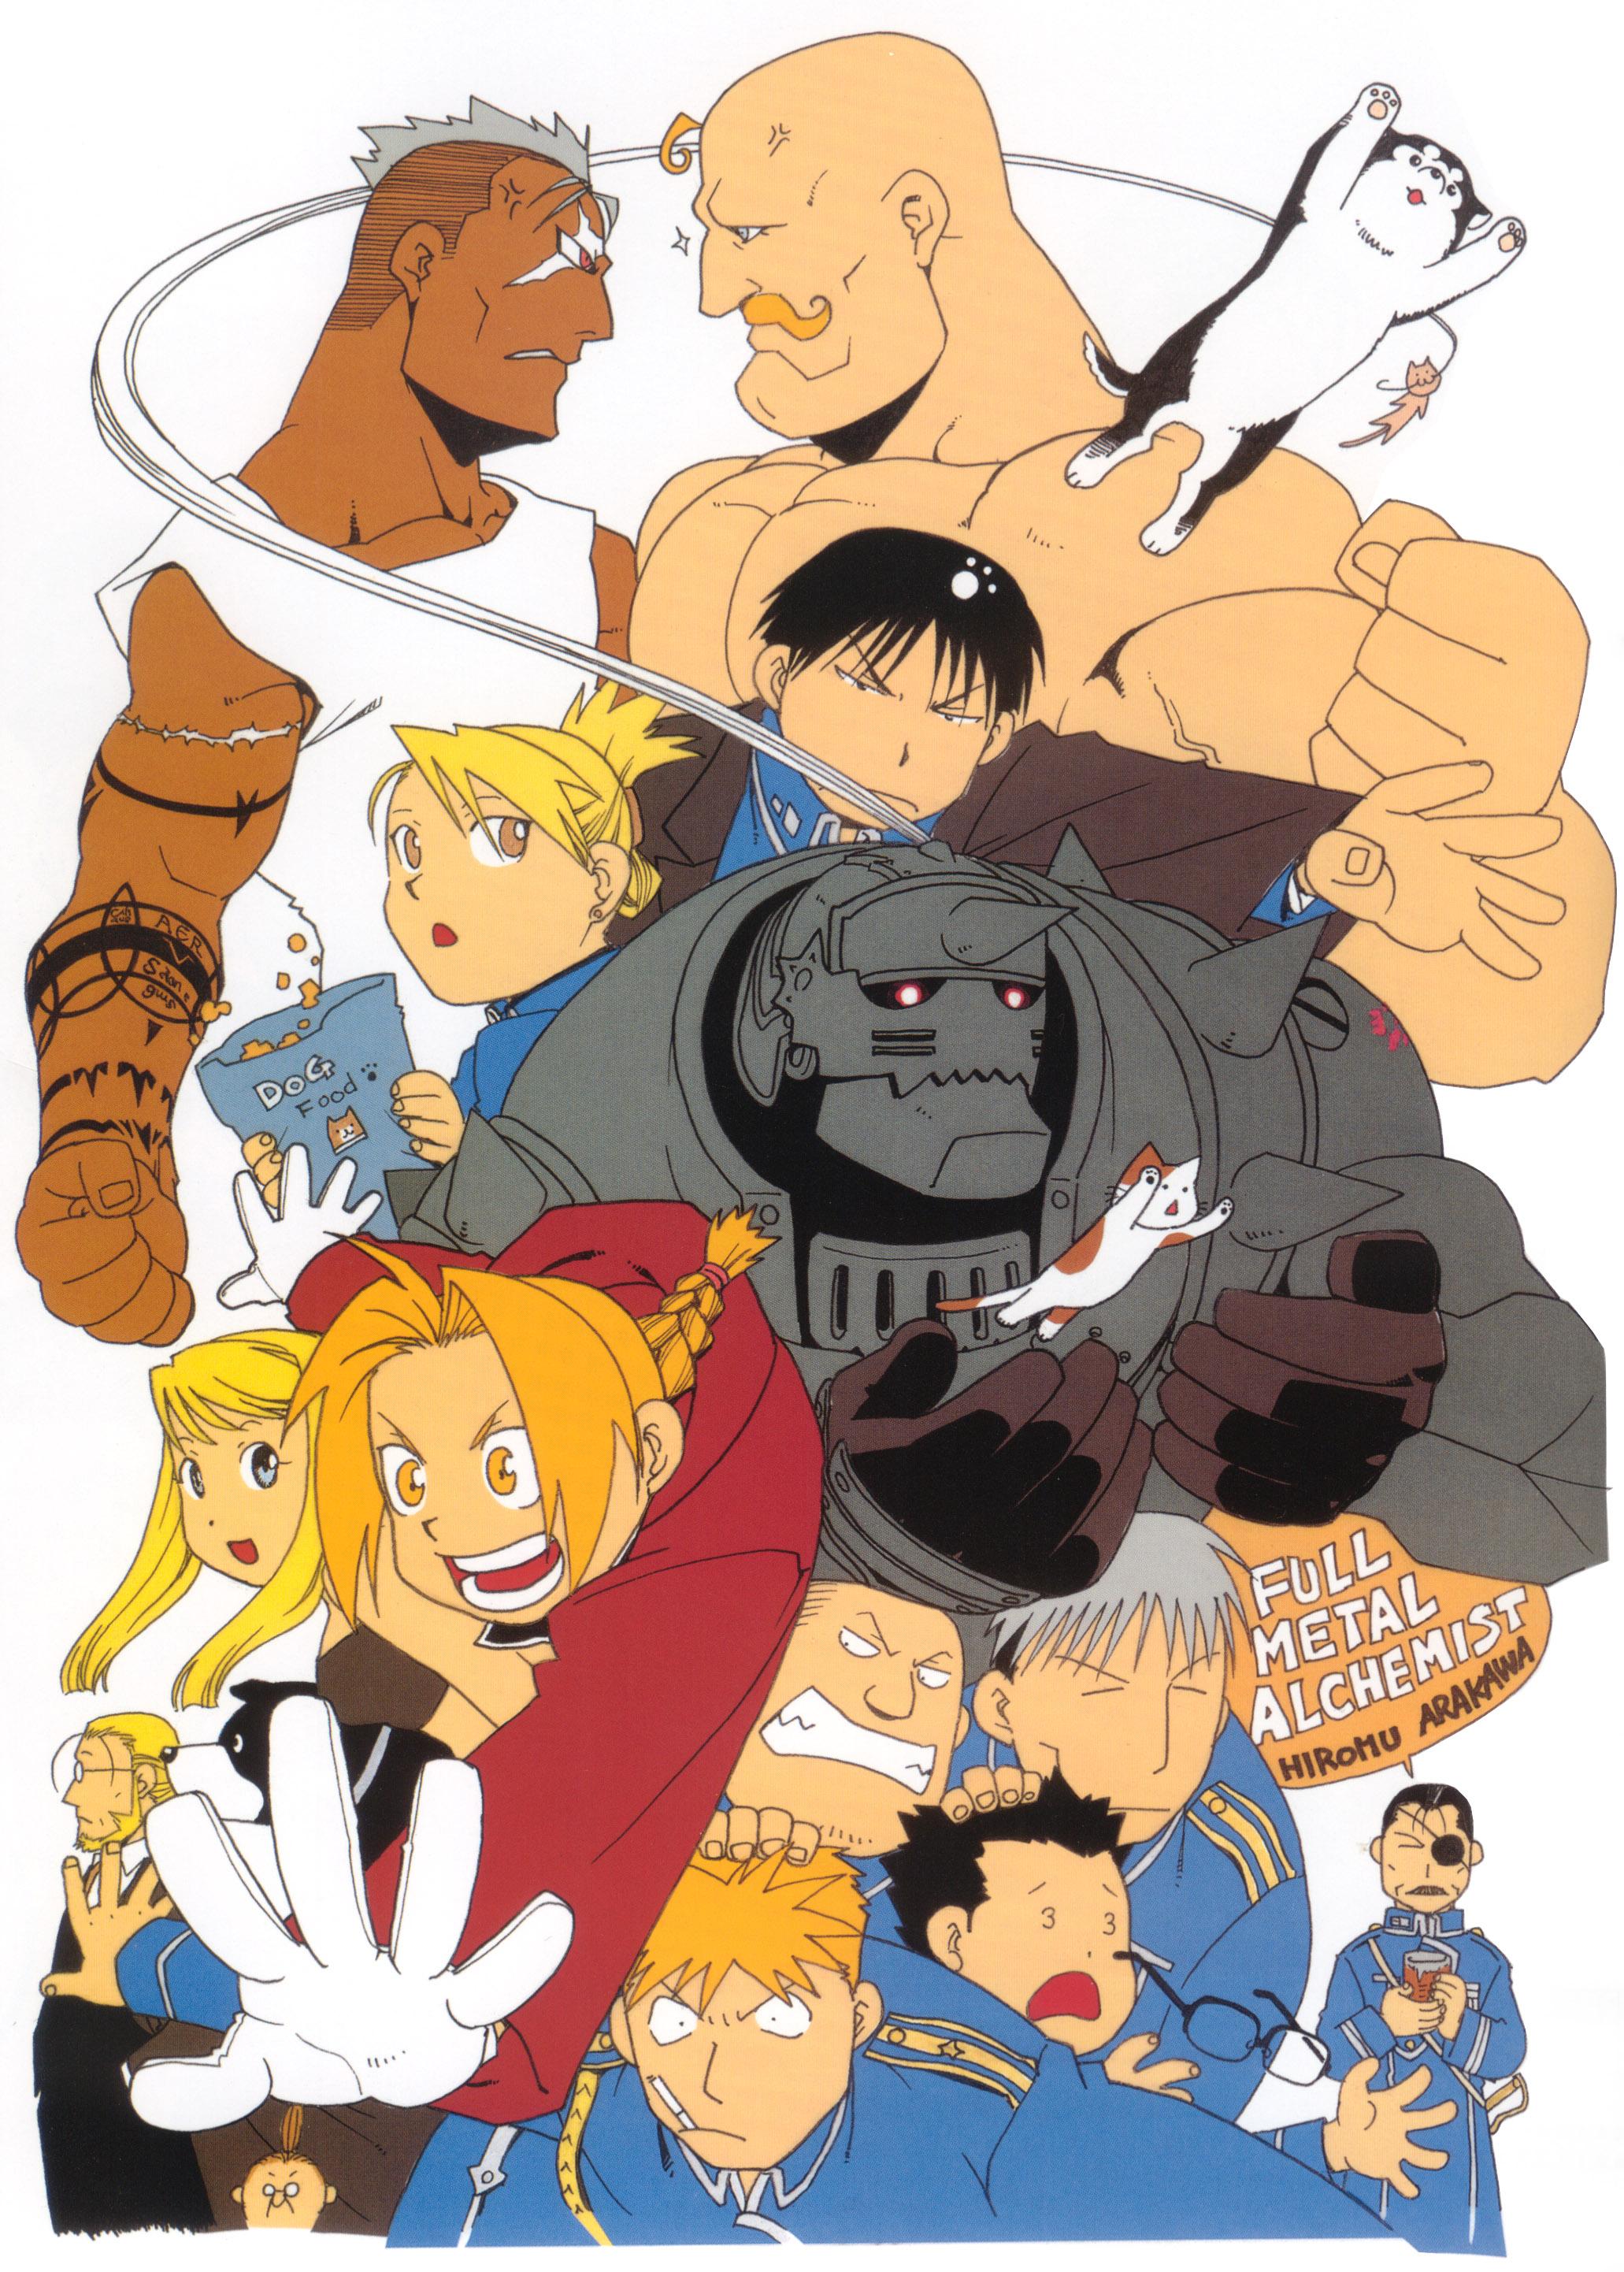 Fullmetal Alchemist Image 1632294 Zerochan Anime Image Board